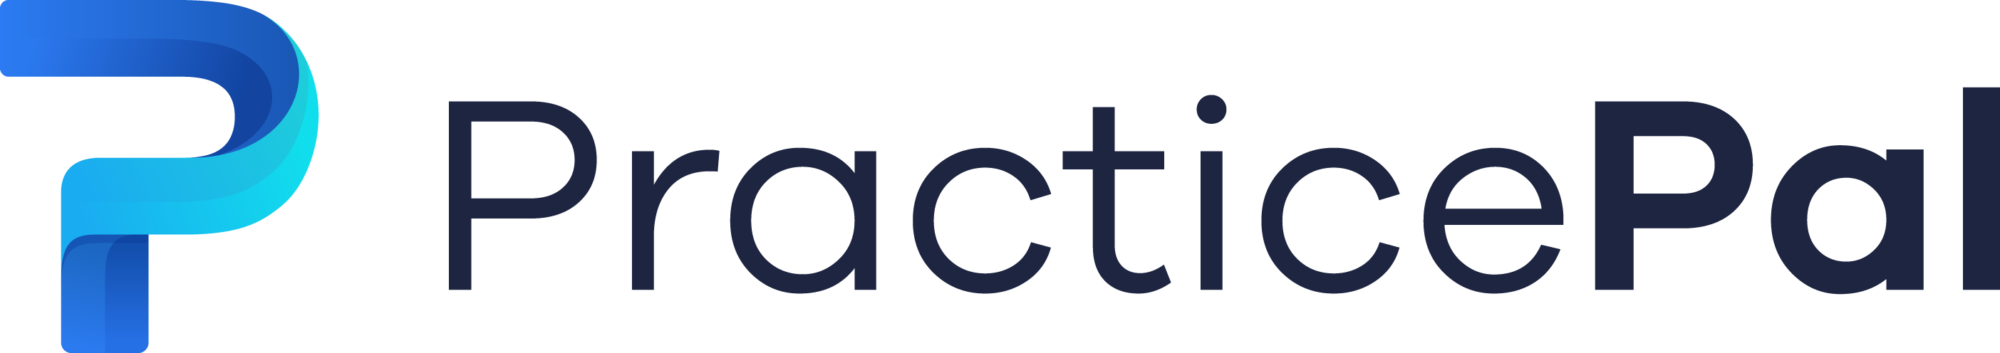 Practice Pakl logo